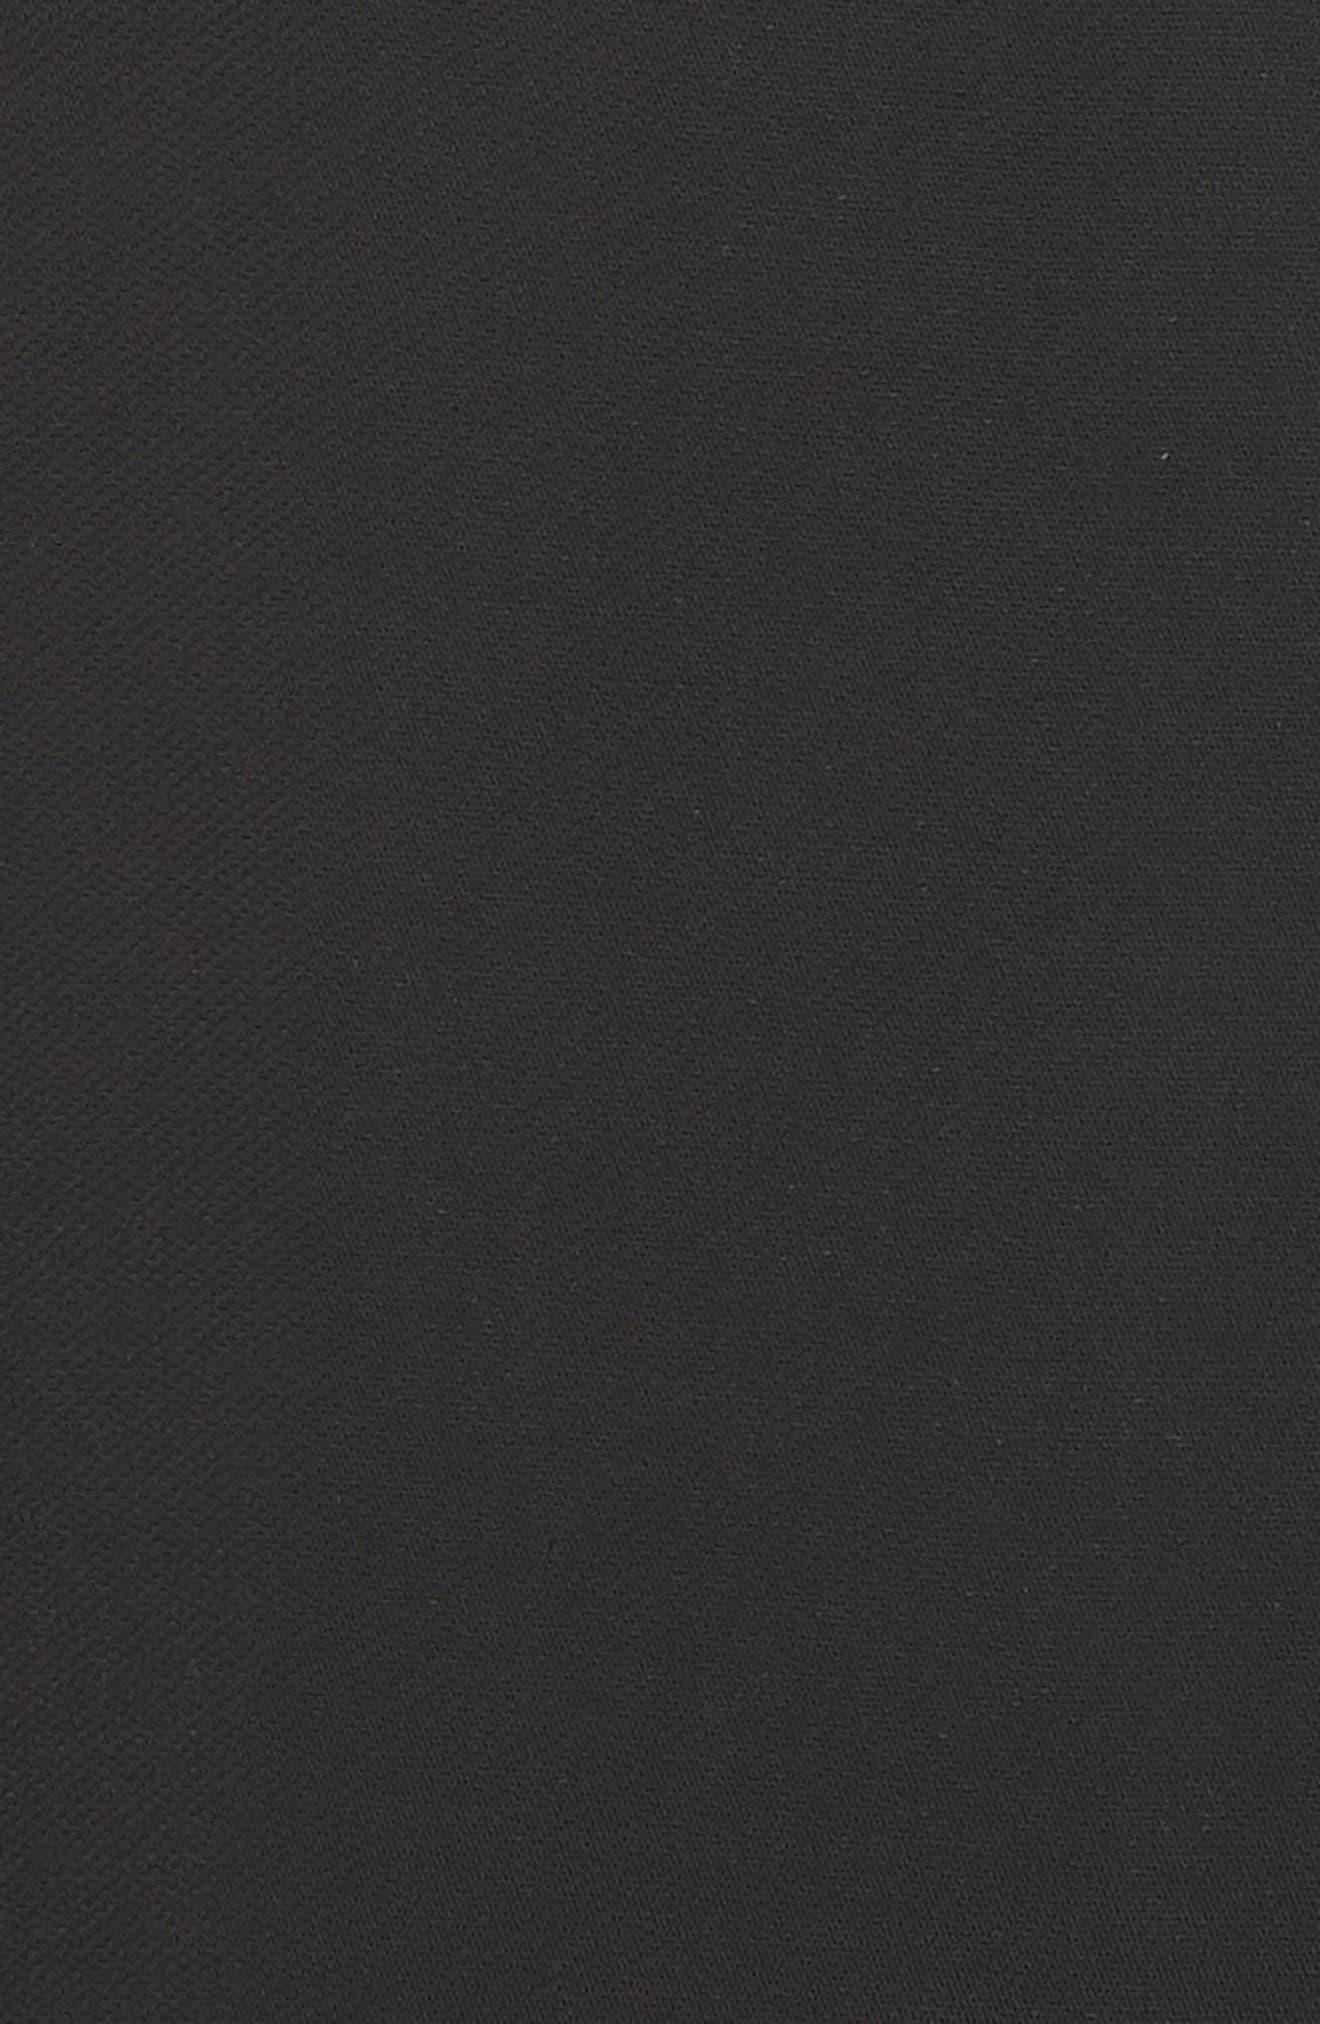 Slit Maxi Slipdress,                             Alternate thumbnail 5, color,                             001